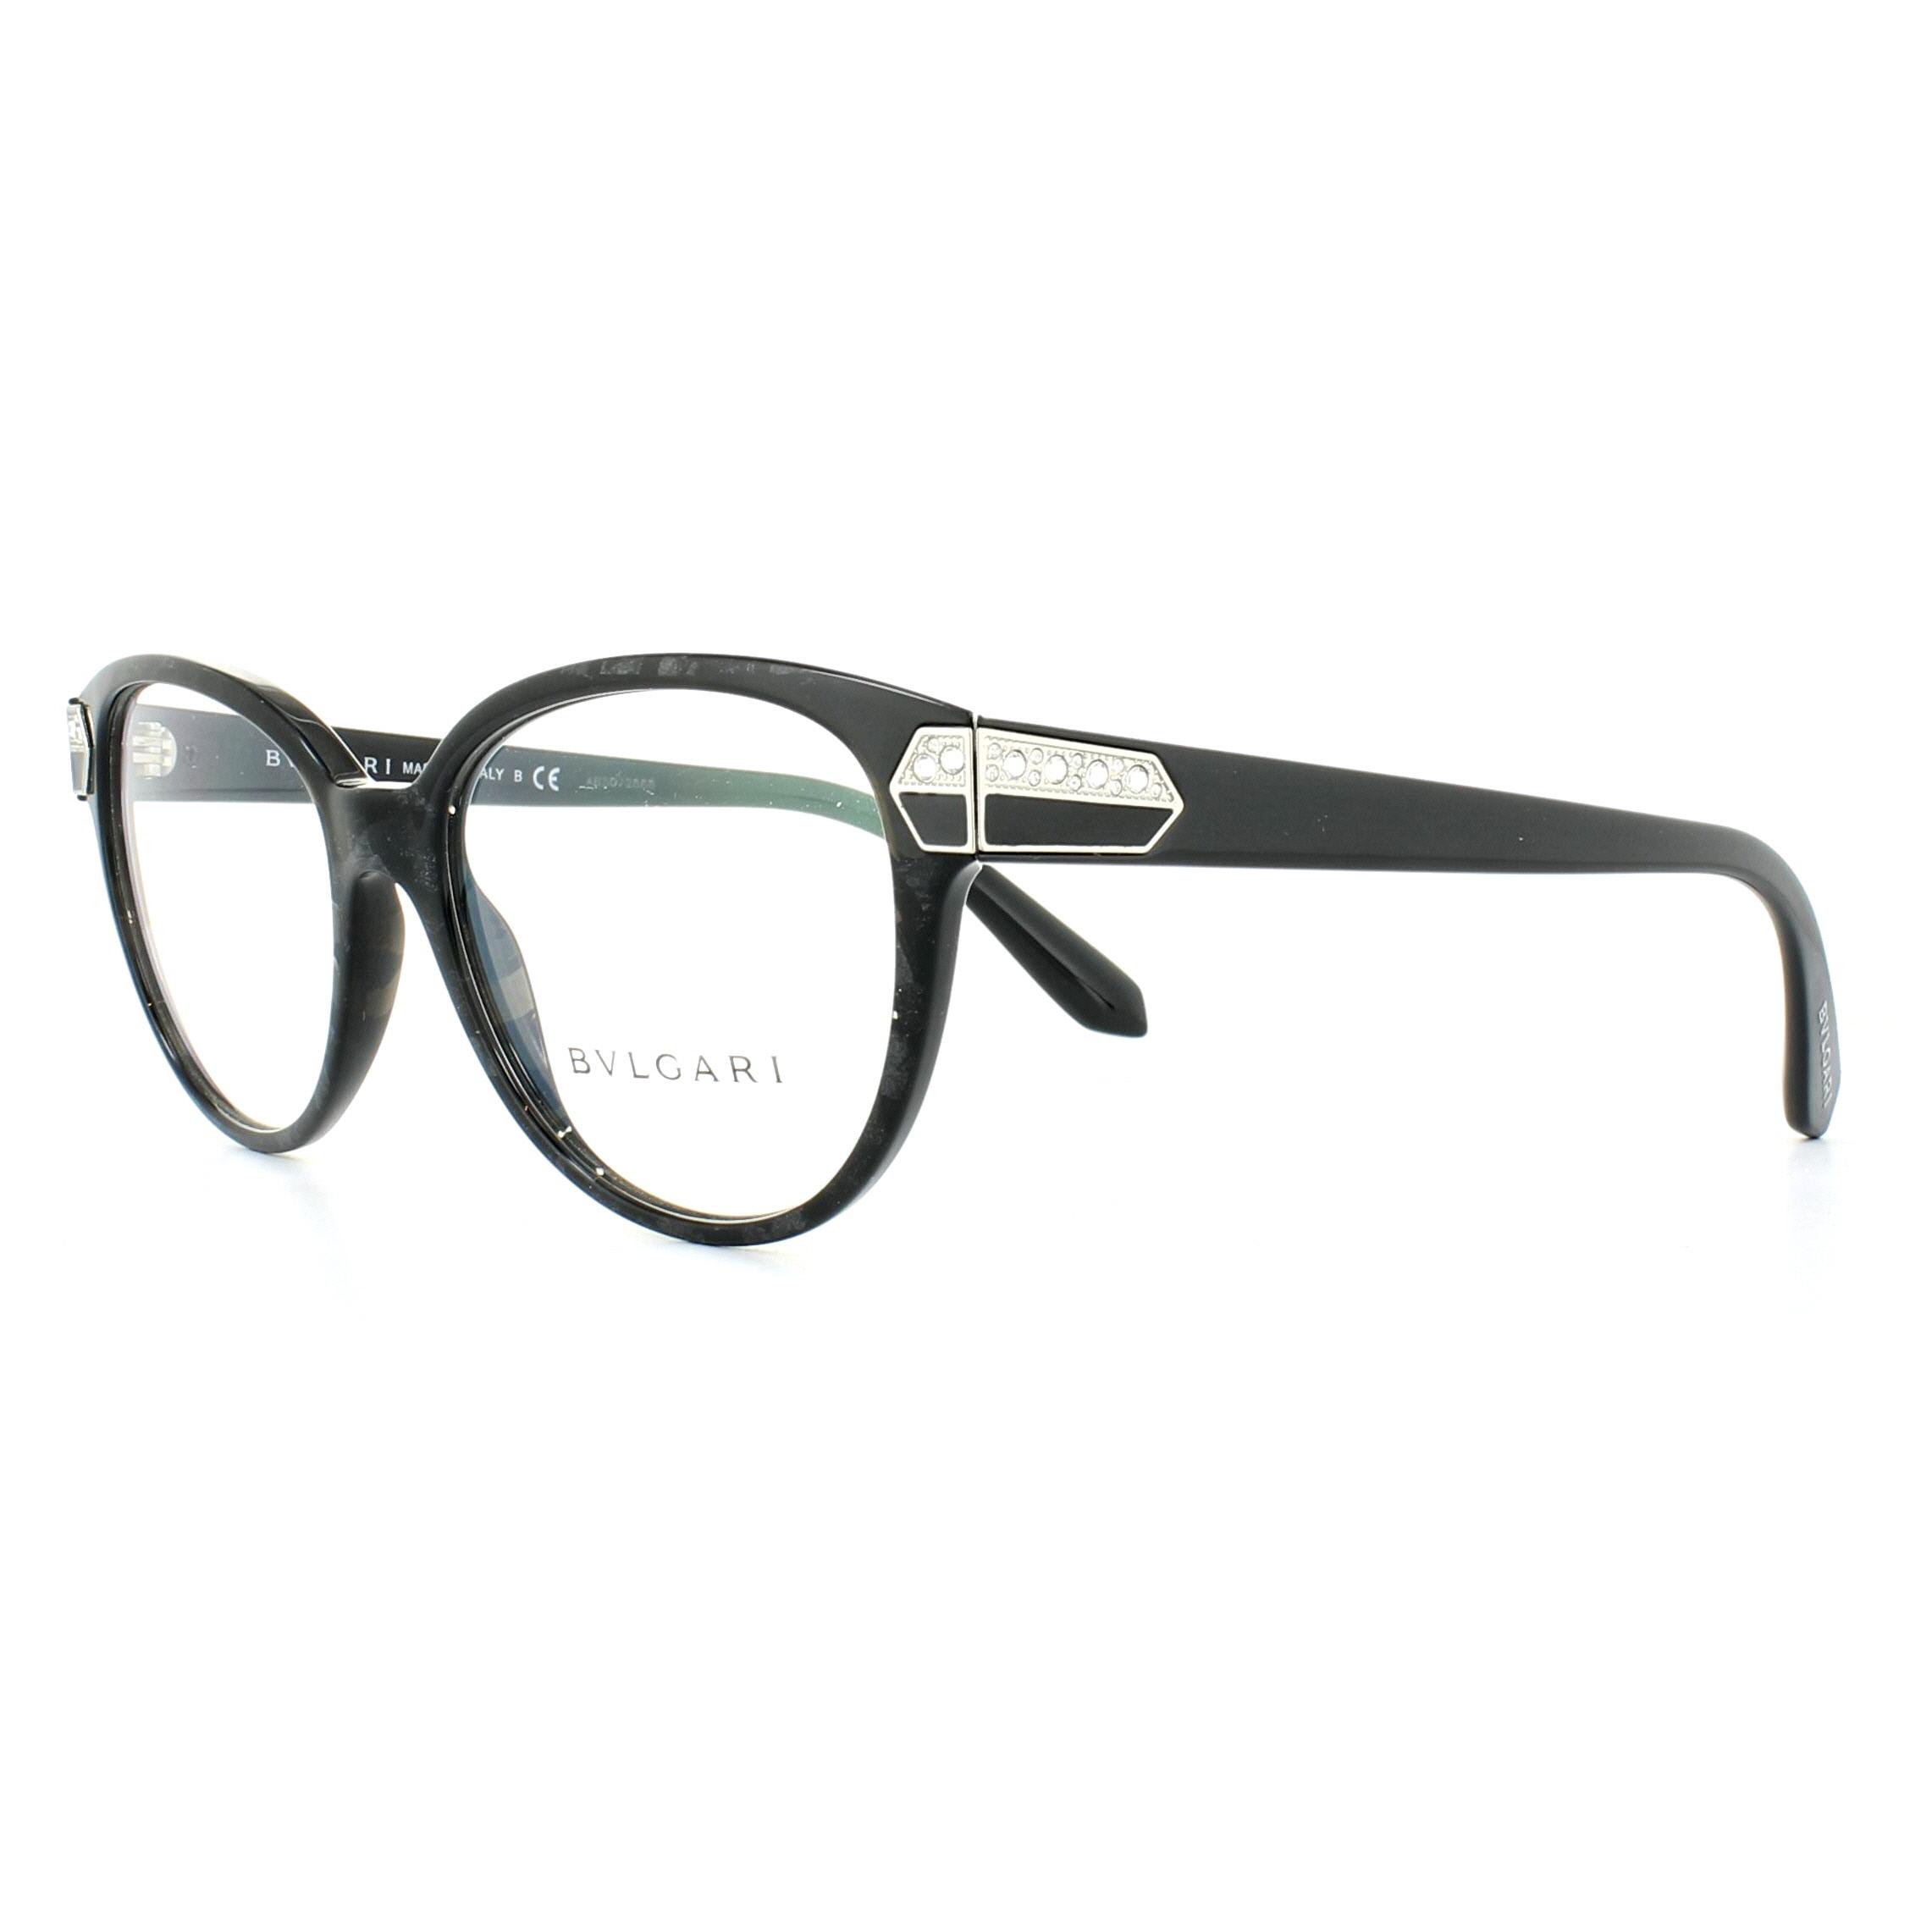 Bvlgari Glasses Frames 4136B 5412 Bvlgari Black (Mamba) 54mm Womens ...